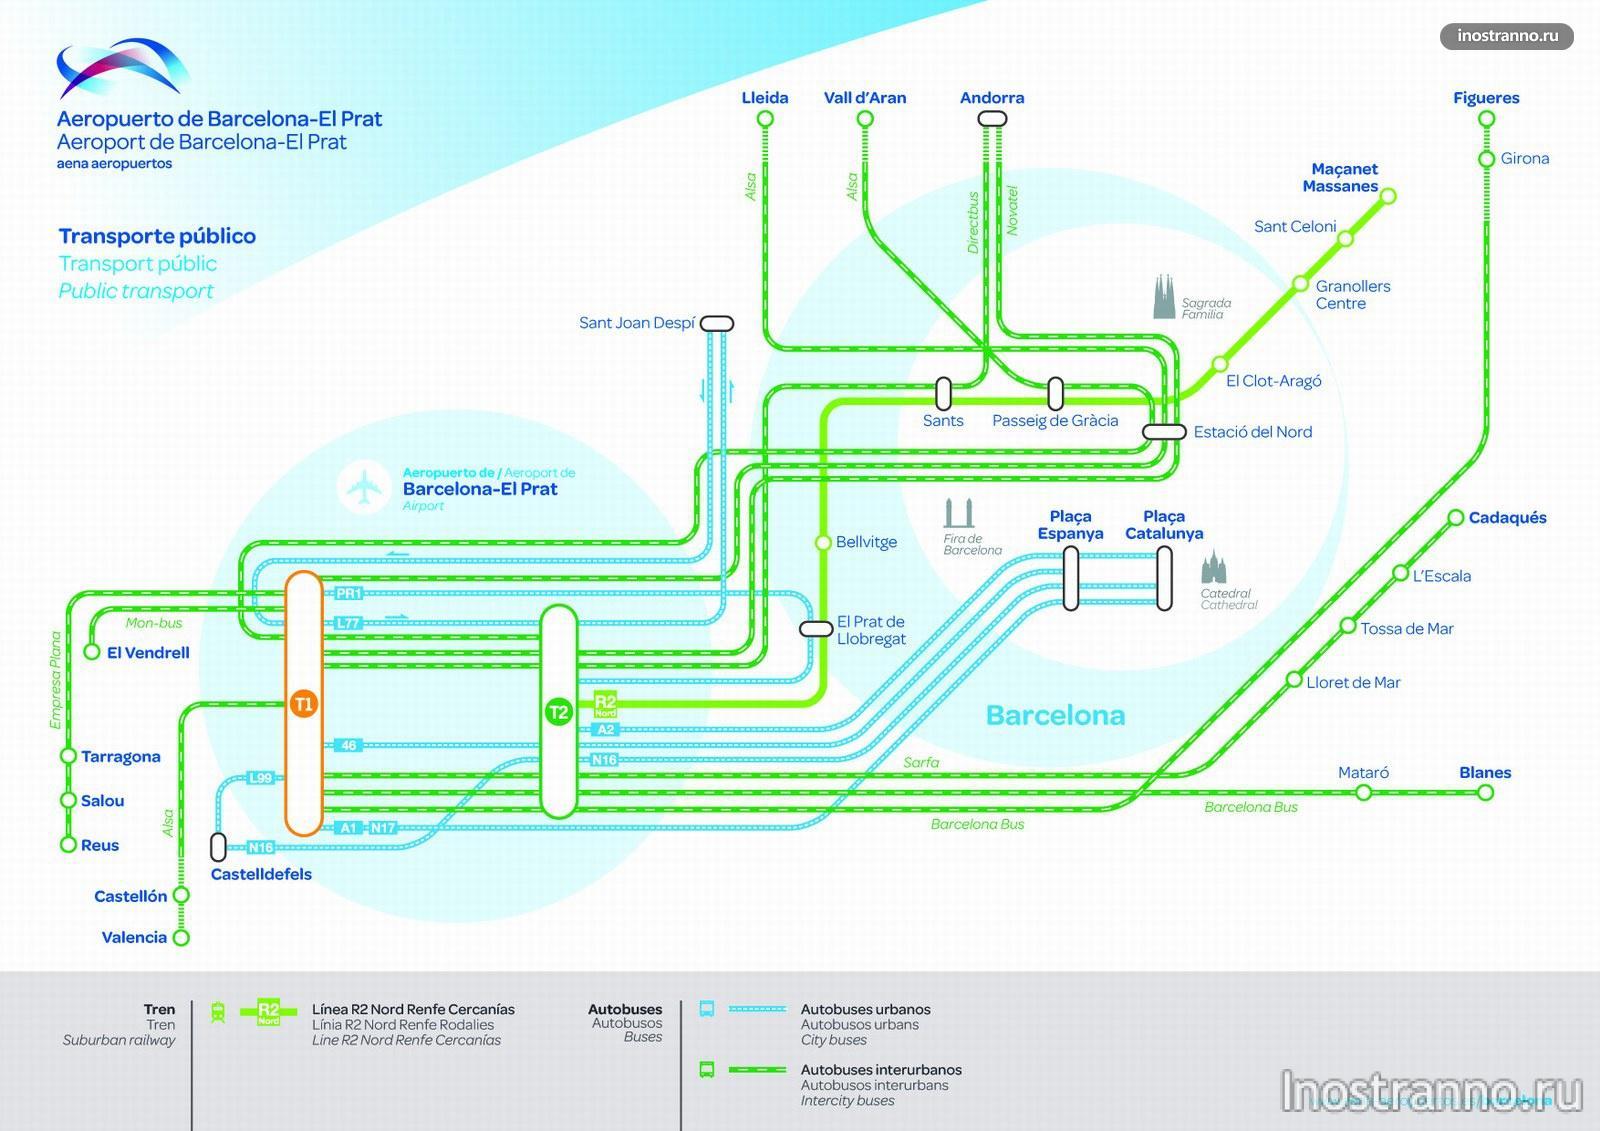 Как сделать пересадку в метро